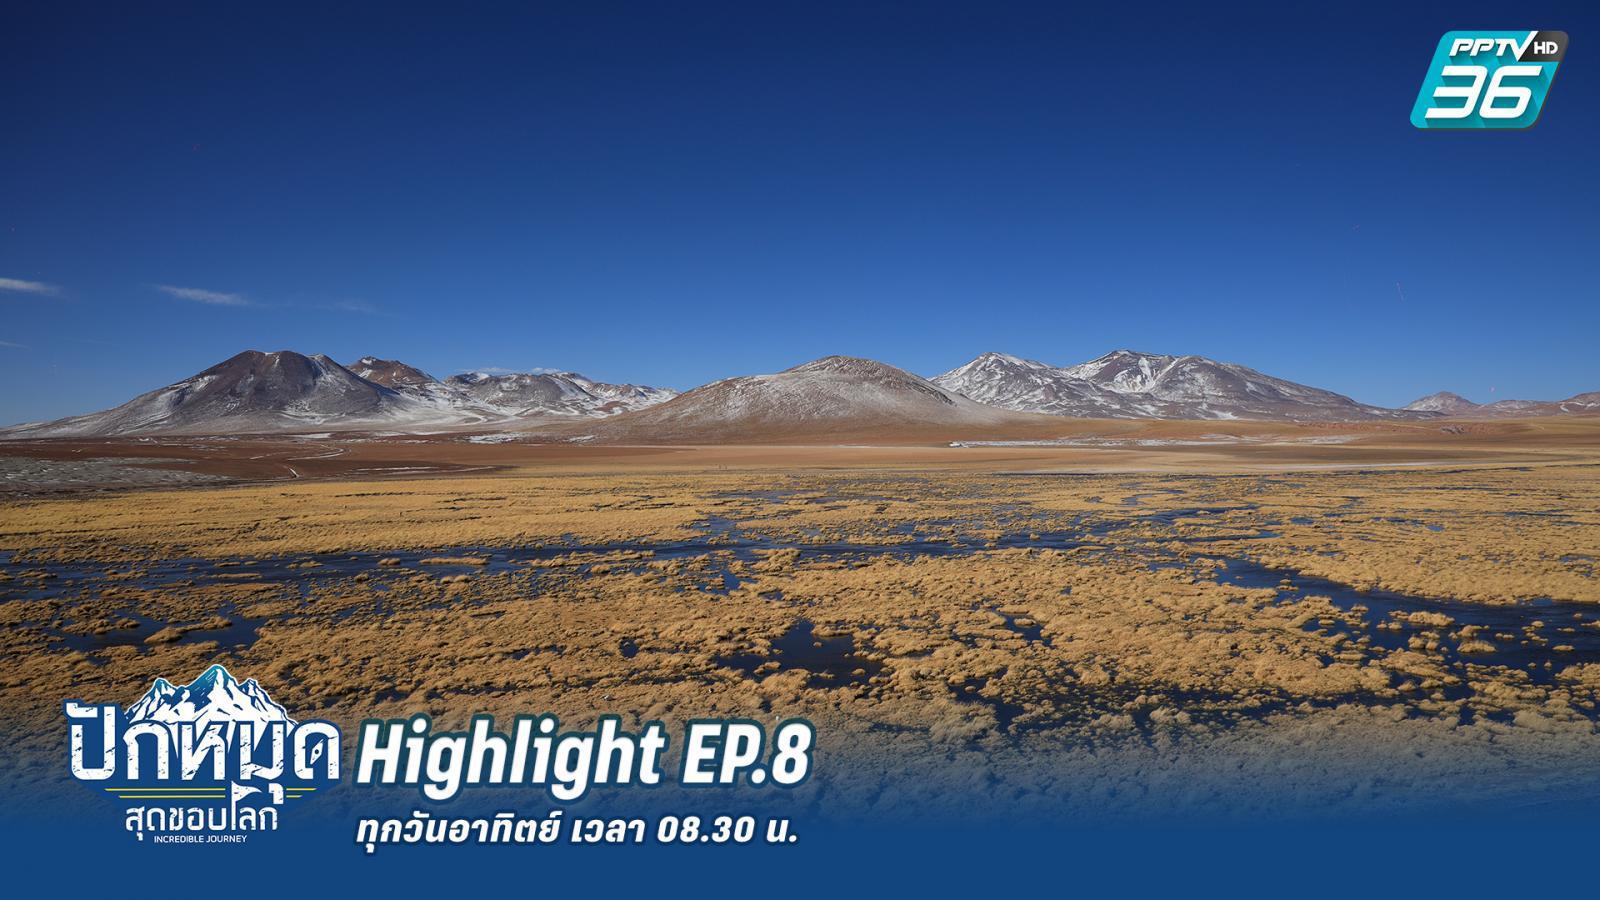 ปักหมุดสุดขอบโลก ซีซั่น 5 | บันทึกจากดินแดนที่แห้งแล้งที่สุดในโลก 4 | ไฮไลท์